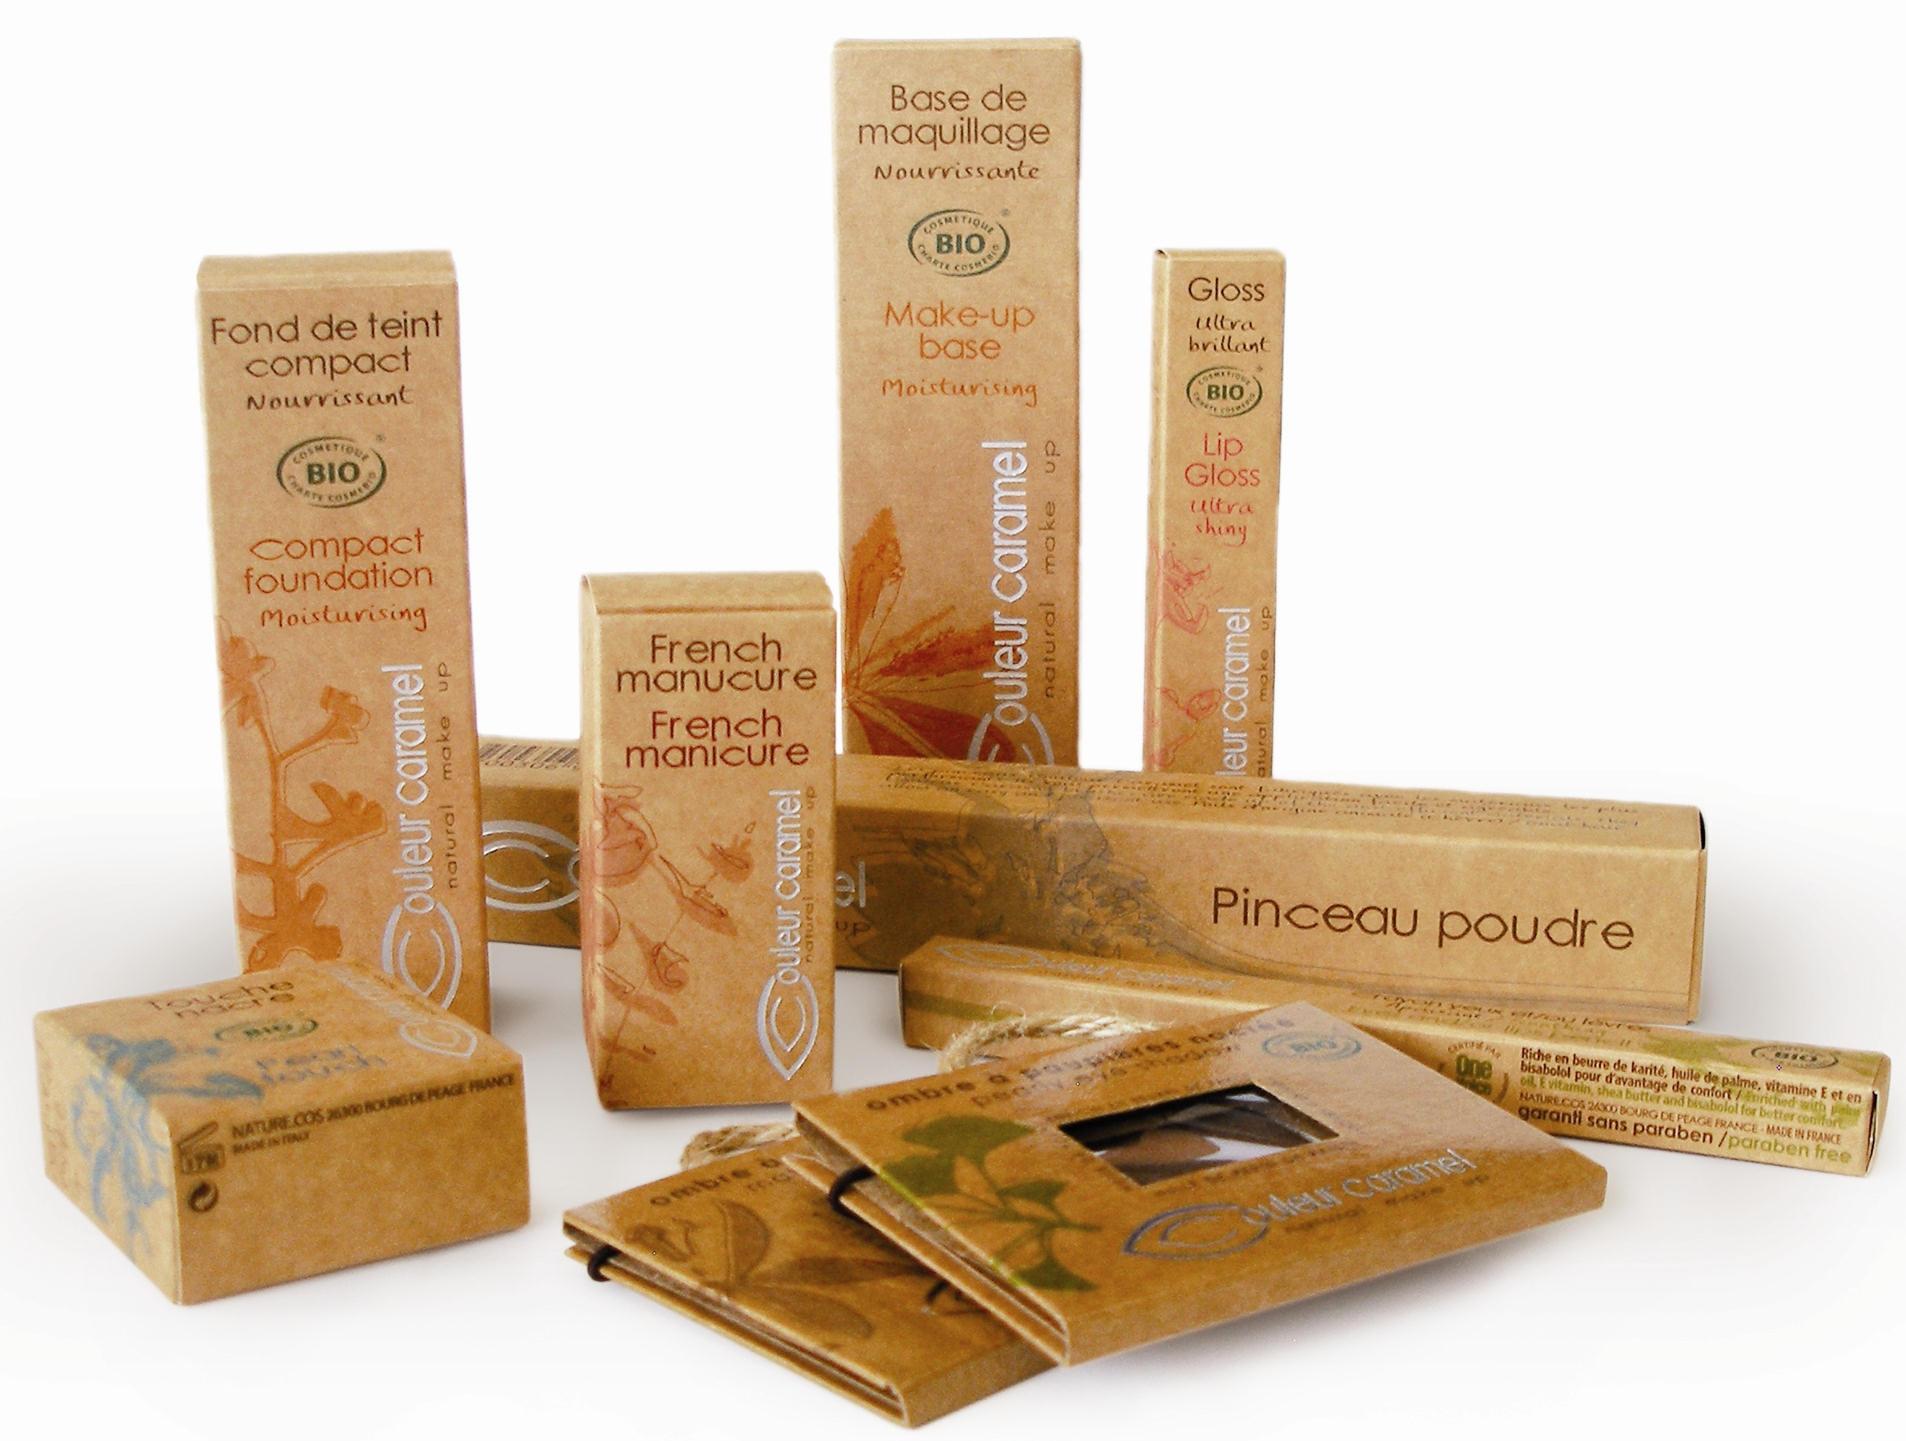 Assortiment_de_produits_avec_packaging